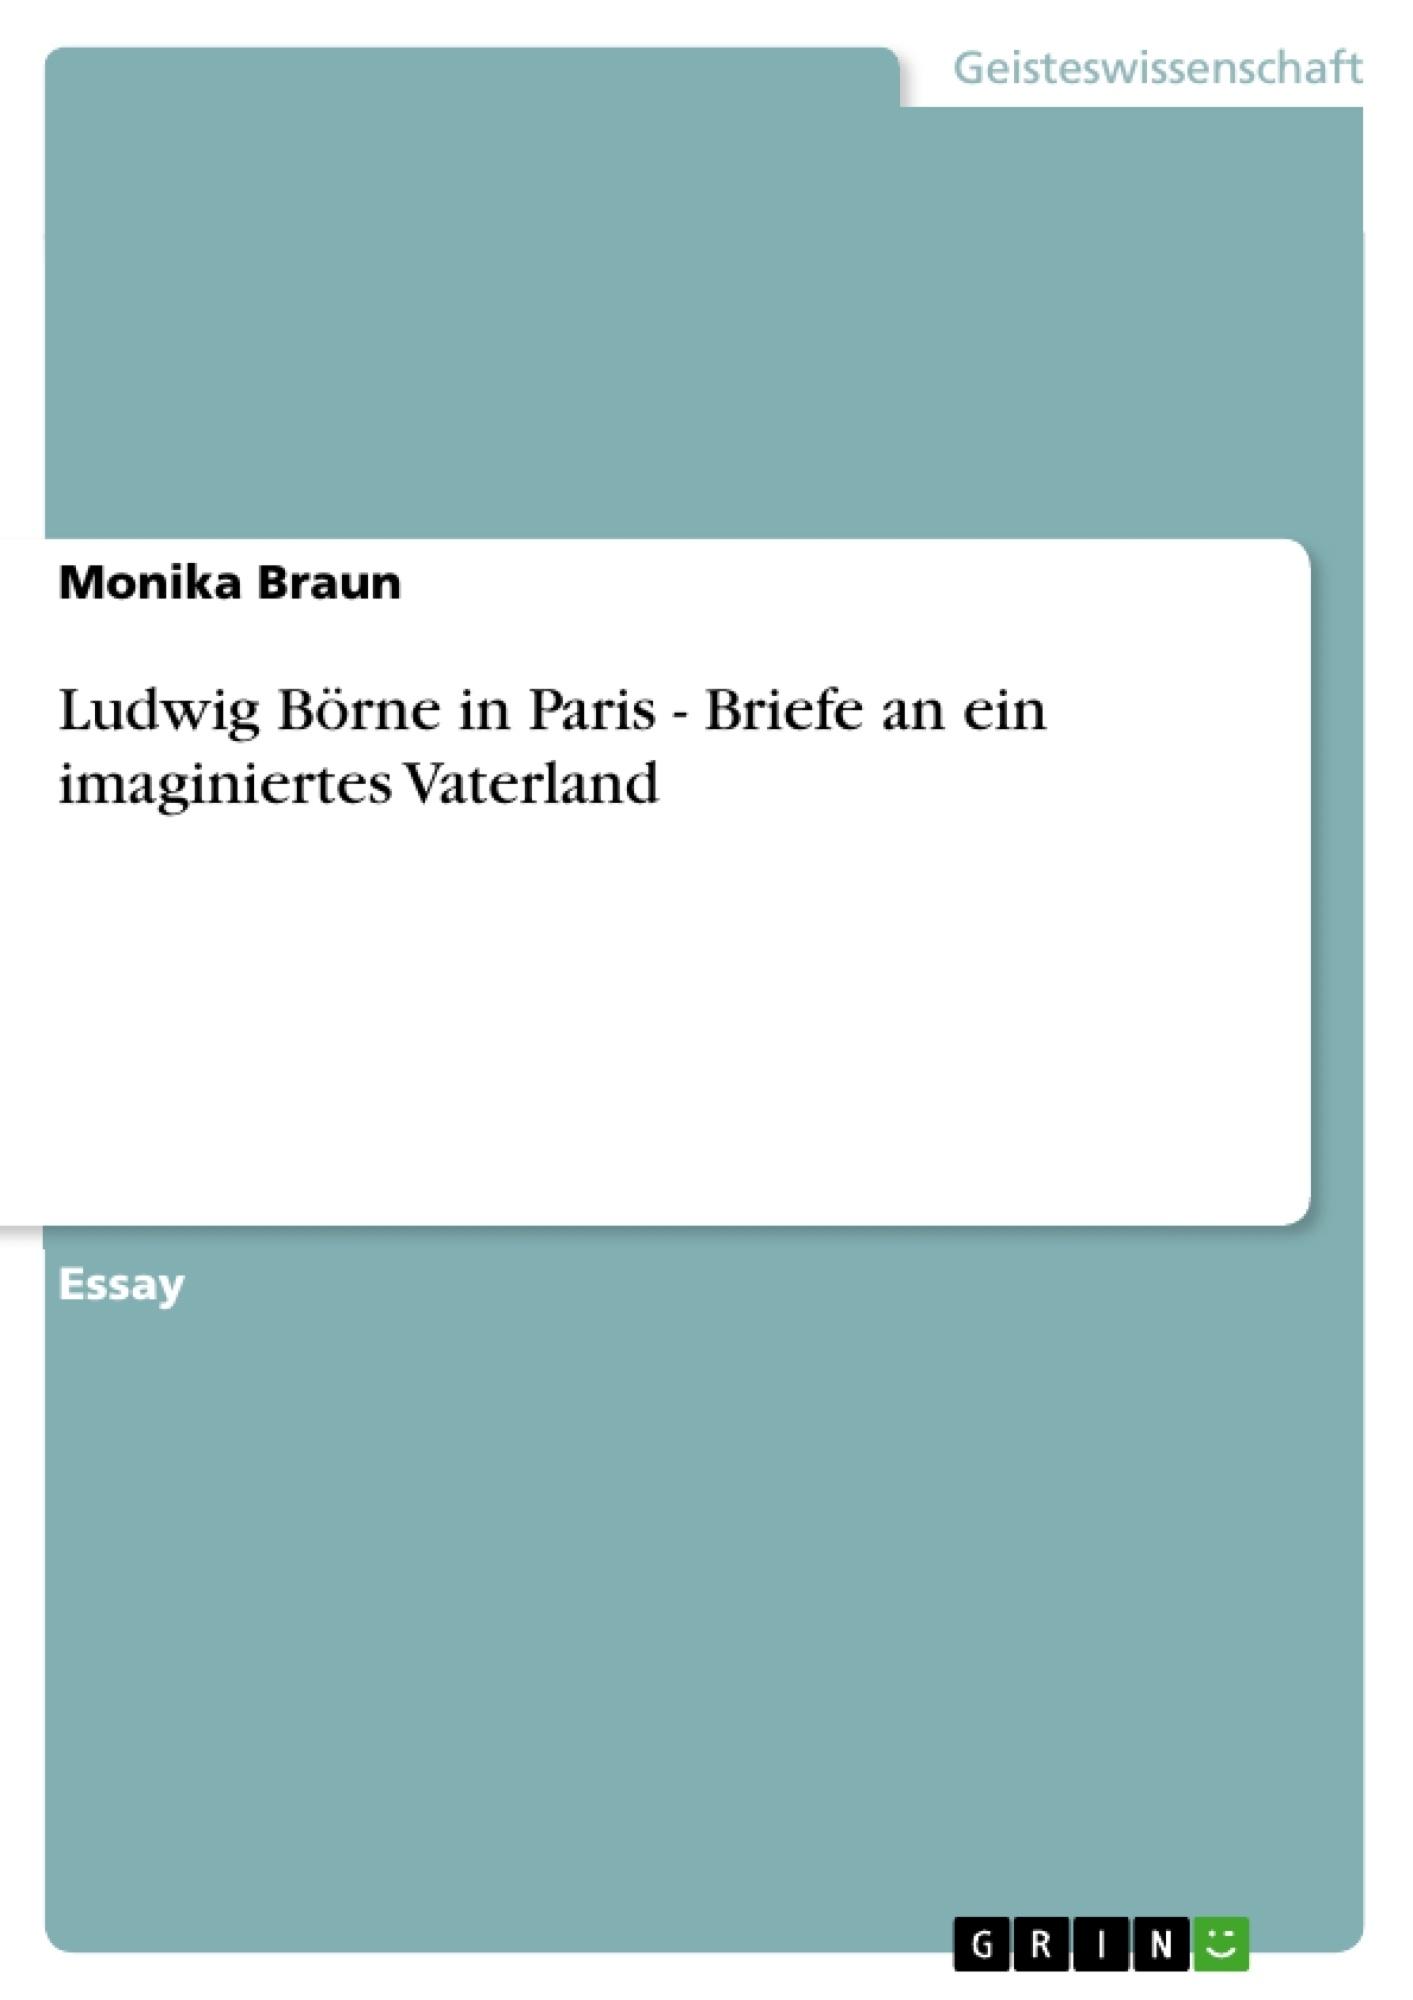 Titel: Ludwig Börne in Paris - Briefe an ein imaginiertes Vaterland